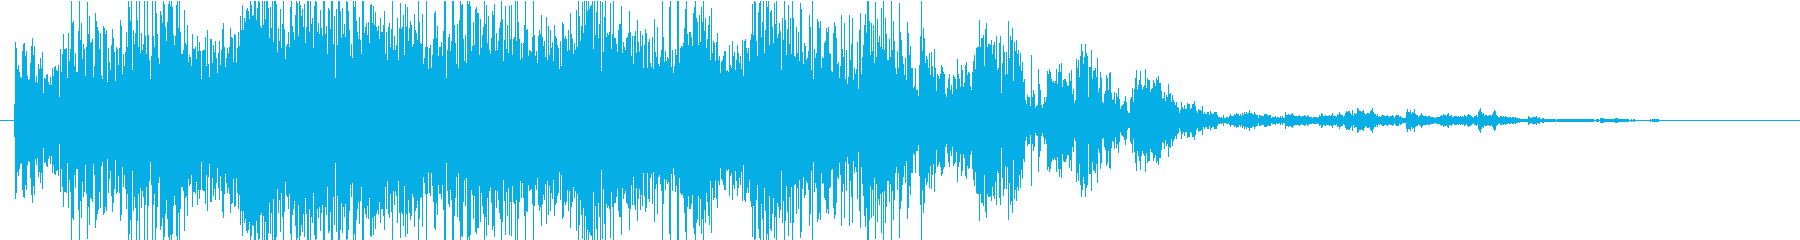 暗いシンセサイザーと残忍なビートを...の再生済みの波形